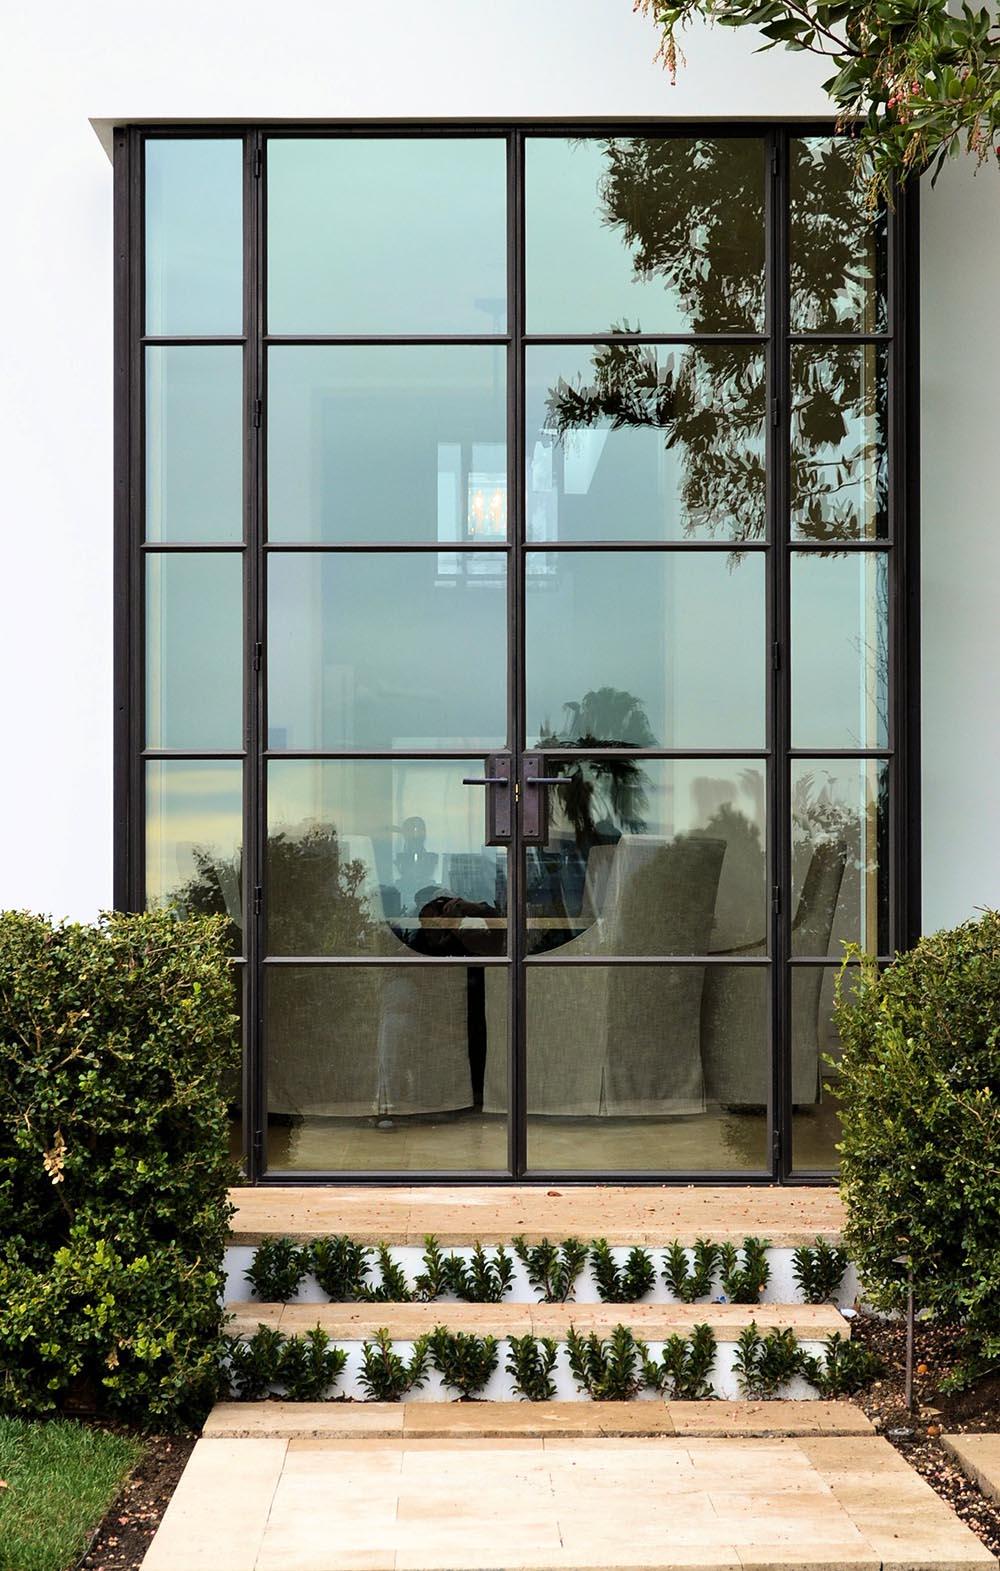 custom steel doors, custom steel windows, thermally broken, nfrc, steel doors in southern california, steel doors in new york, steel windows in new york, residential